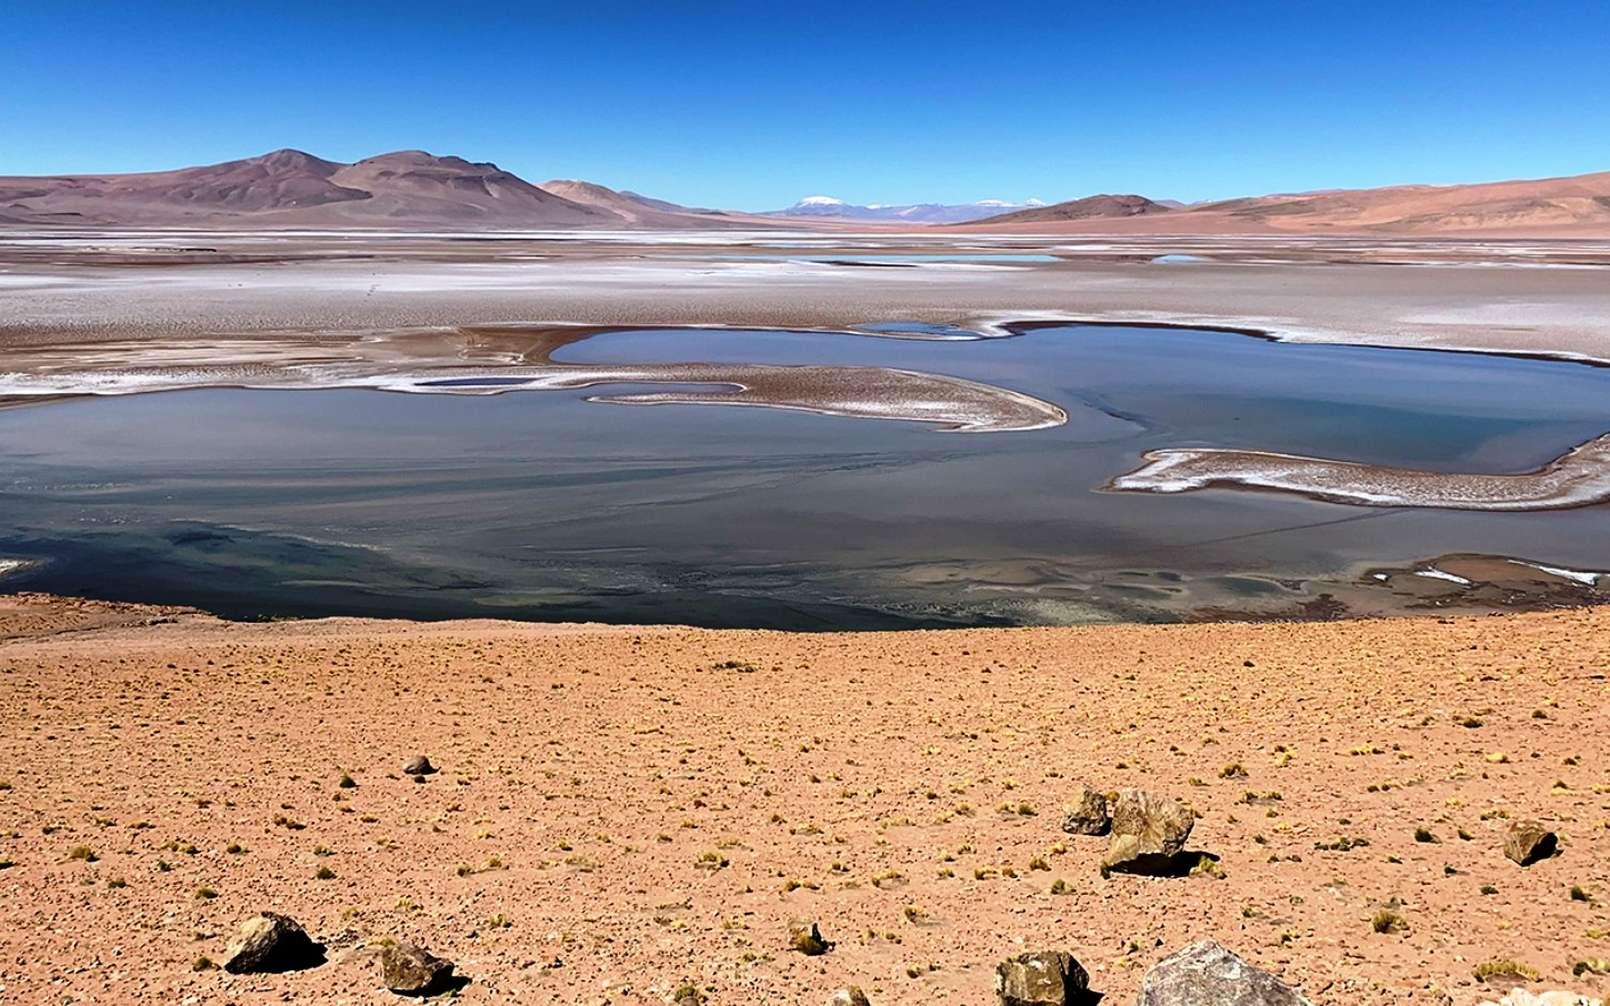 Rempli de lacs saumâtres, le plateau de Quisquiro dans l'Altiplano d'Amérique du Sud, au Chili, représente le type de paysage que les scientifiques pensent avoir existé il y a des milliards d'années sur Mars, dans le cratère Gale, que le rover Curiosity de la Nasa explore. © Maksym Bocharov